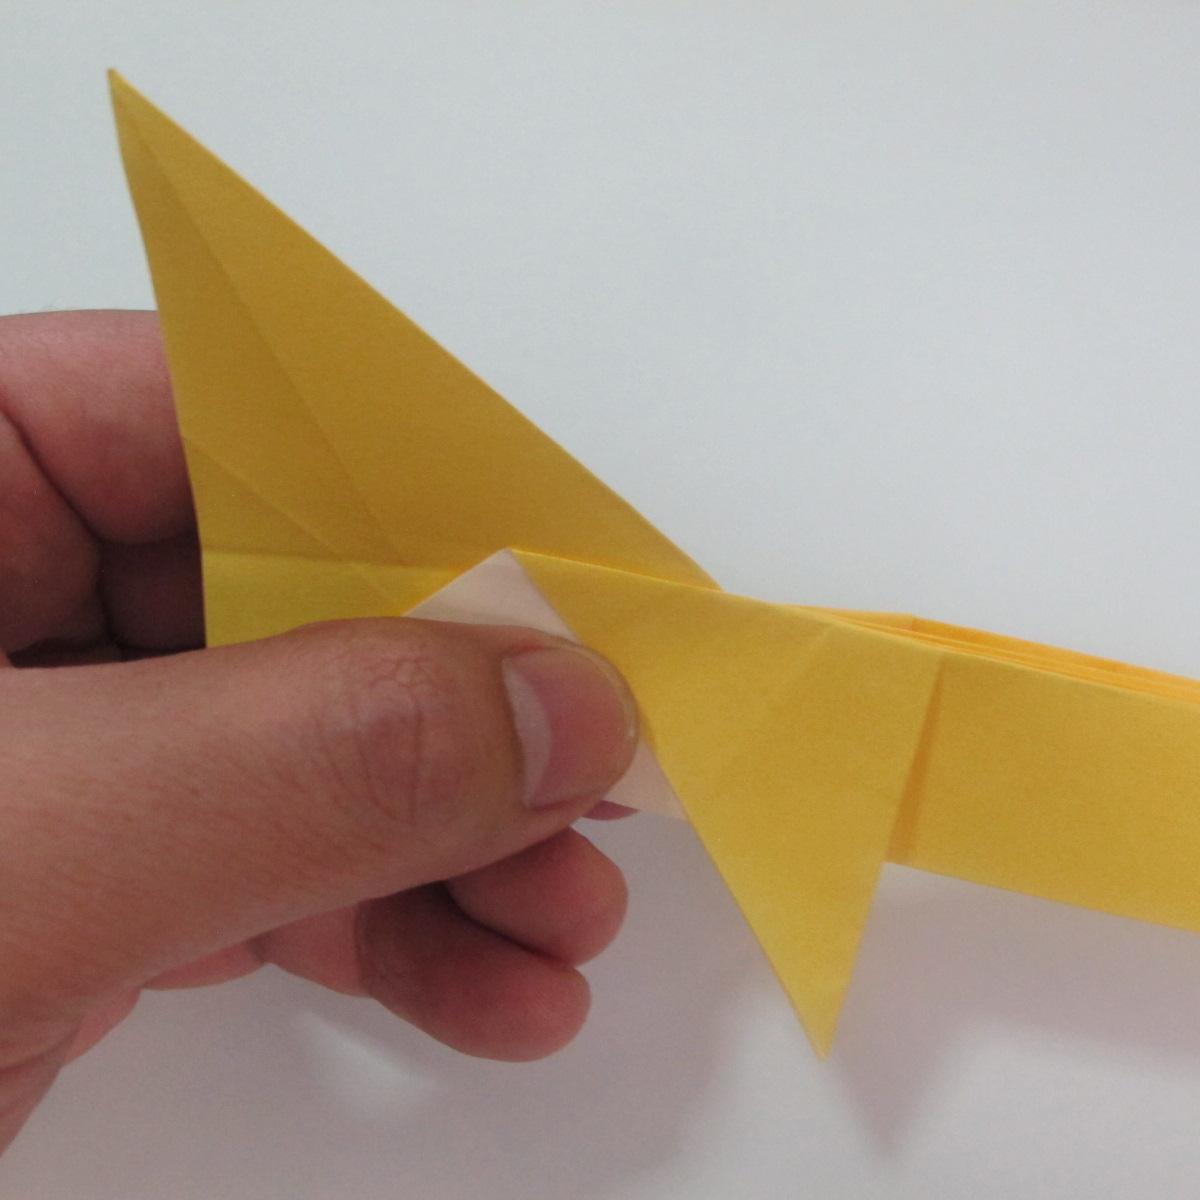 สอนวิธีพับกระดาษเป็นรูปลูกสุนัขยืนสองขา แบบของพอล ฟราสโก้ (Down Boy Dog Origami) 063